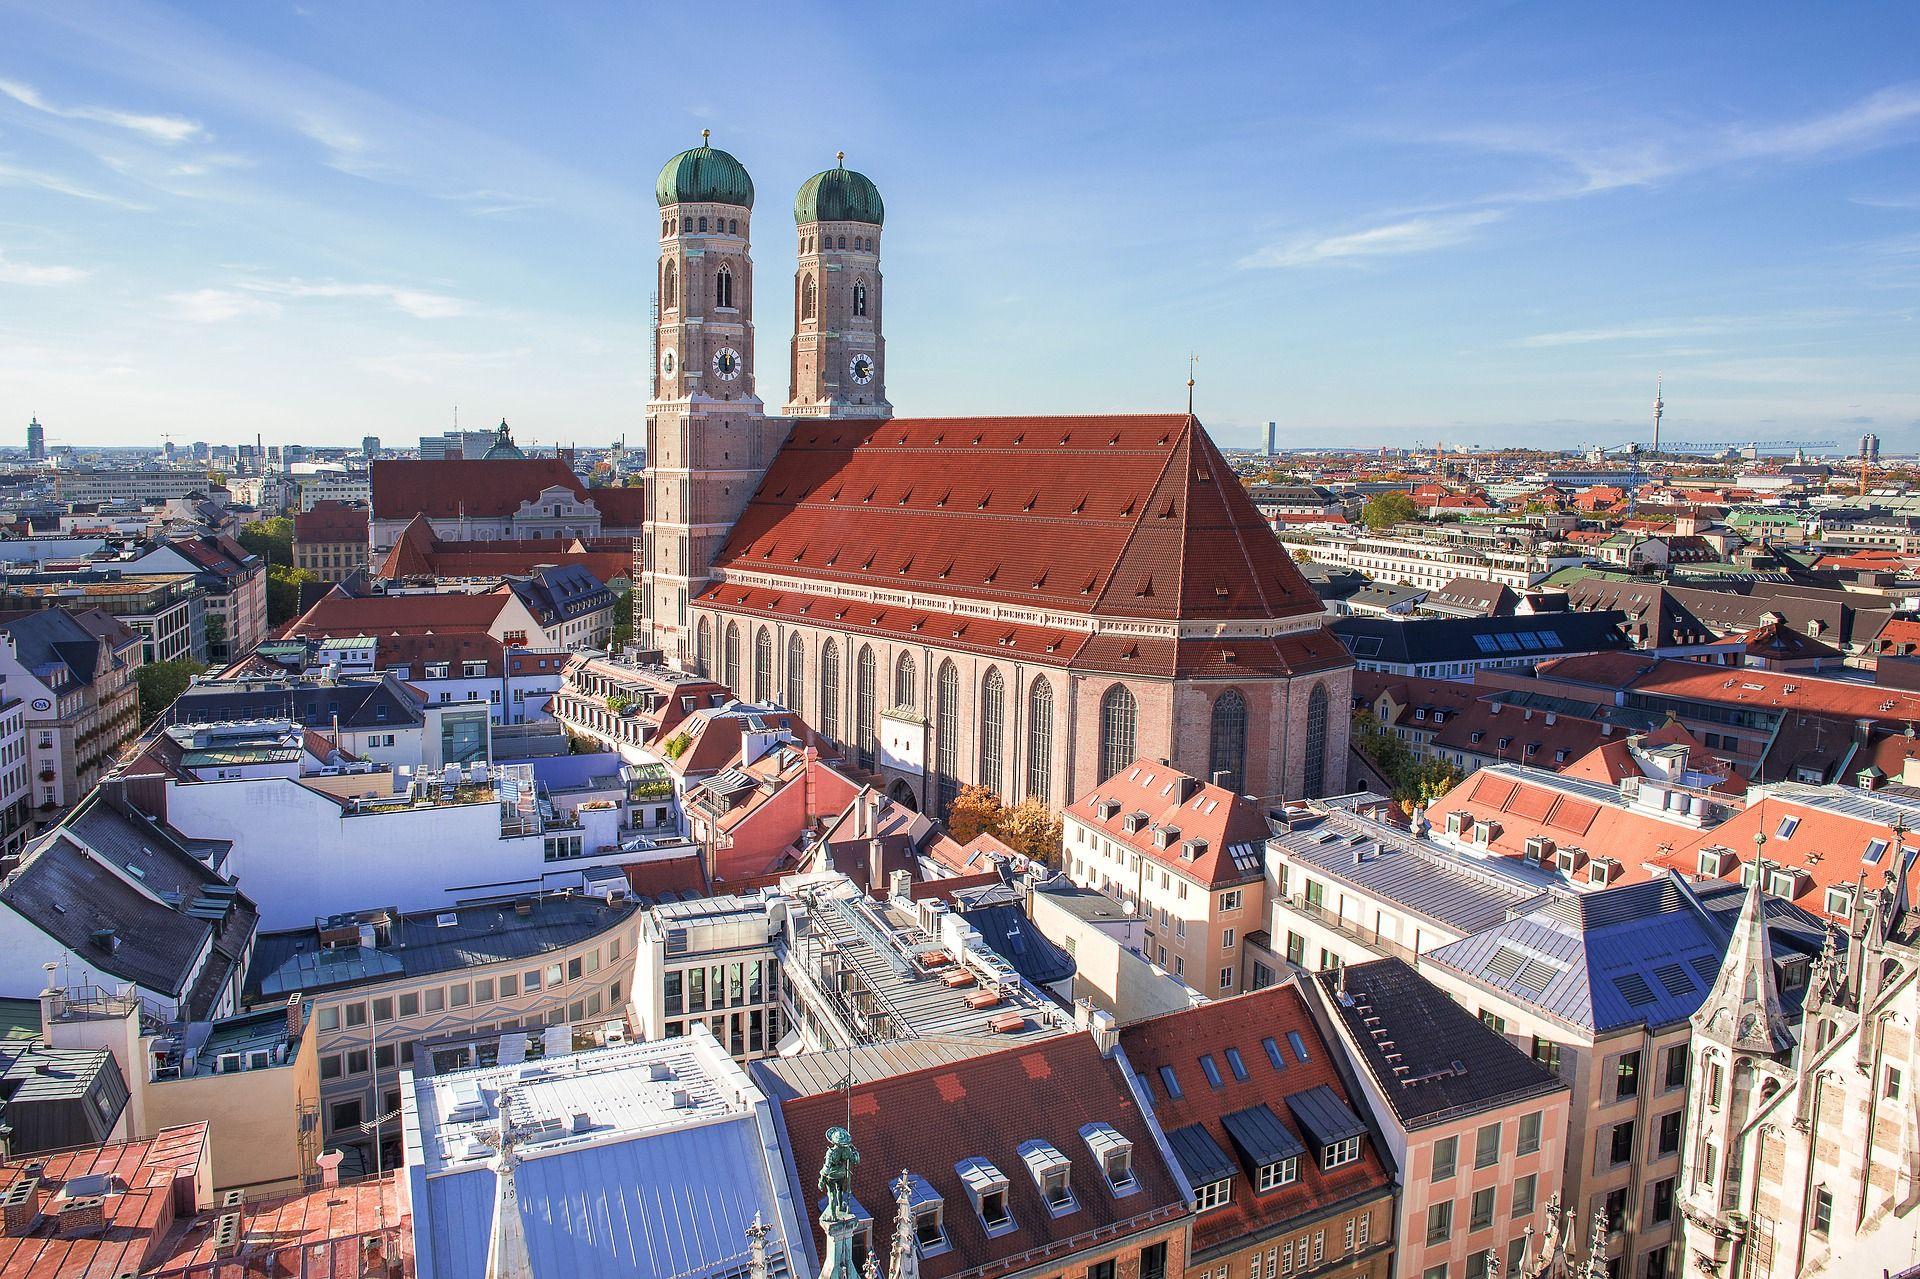 Frauenkirche © designerpoint / pixabay